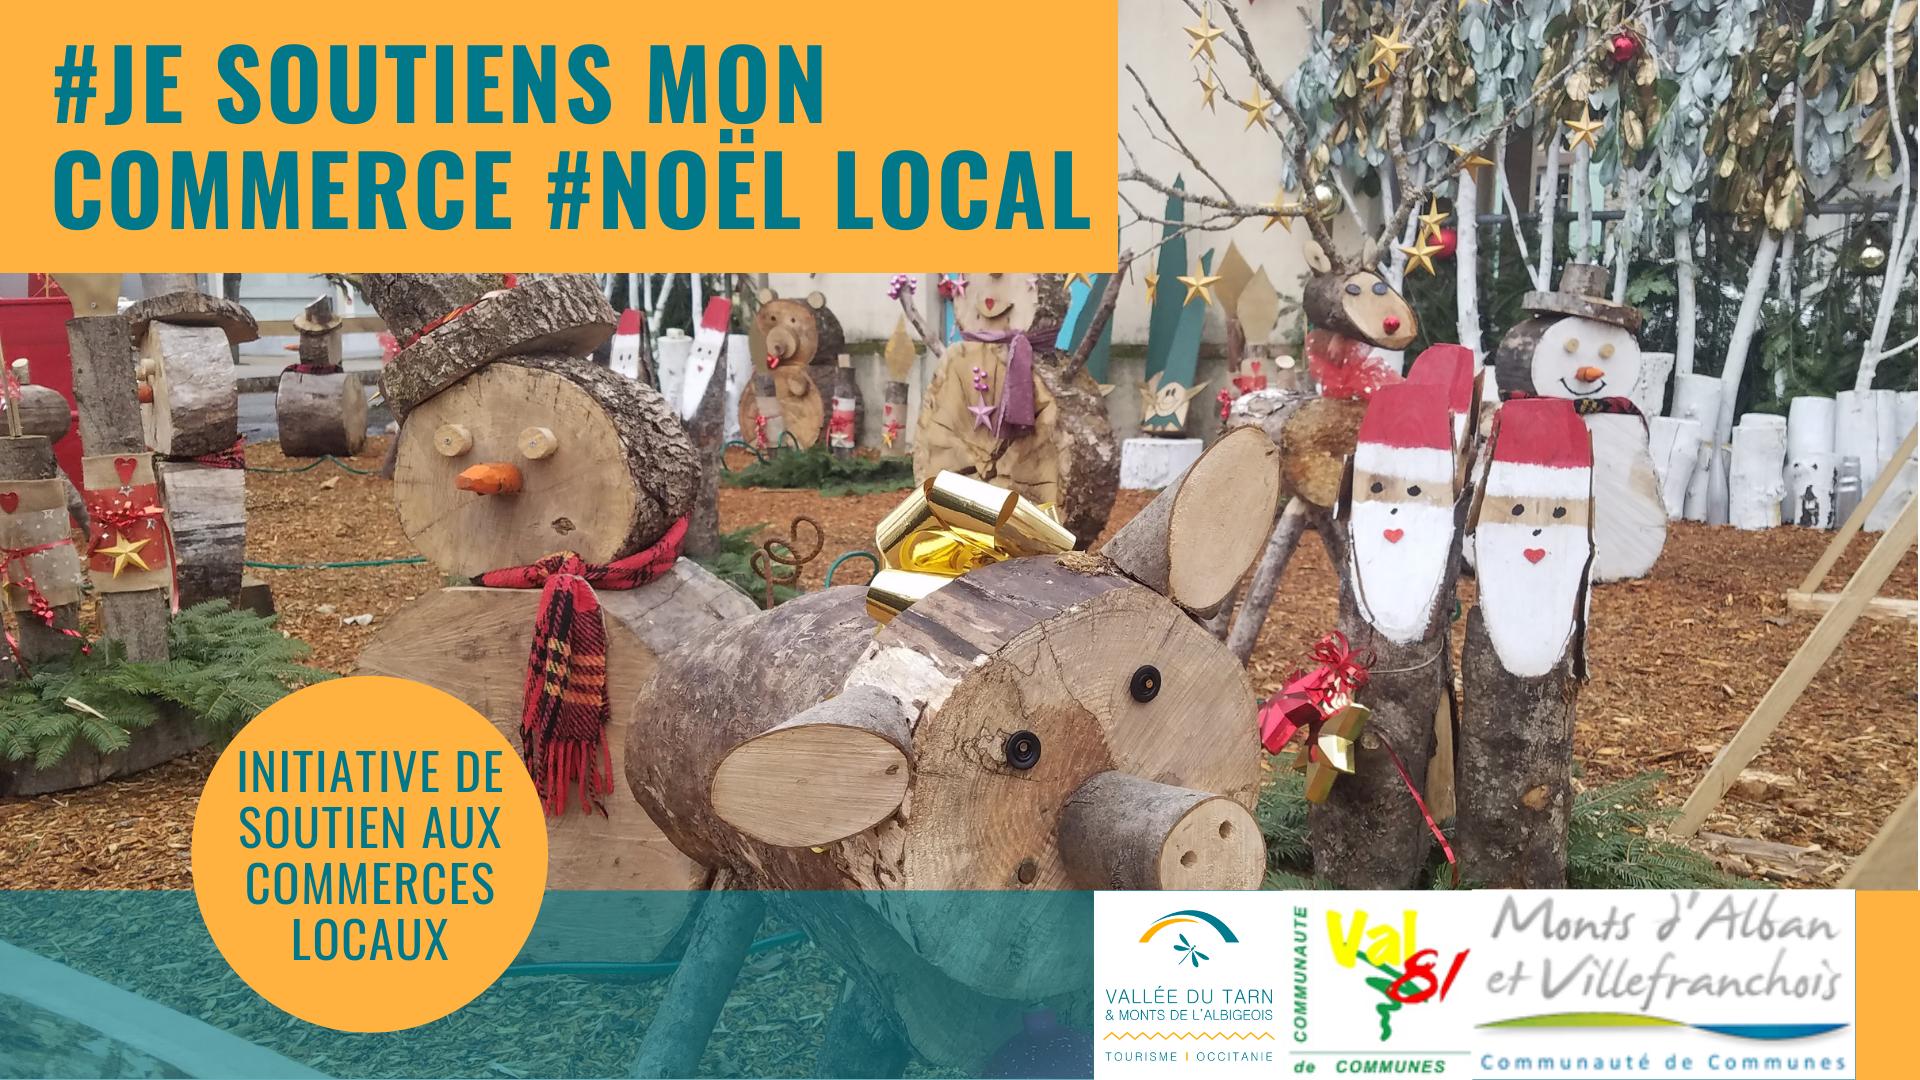 Opération #JeSoutiensMonCommerce #NoëlLocal